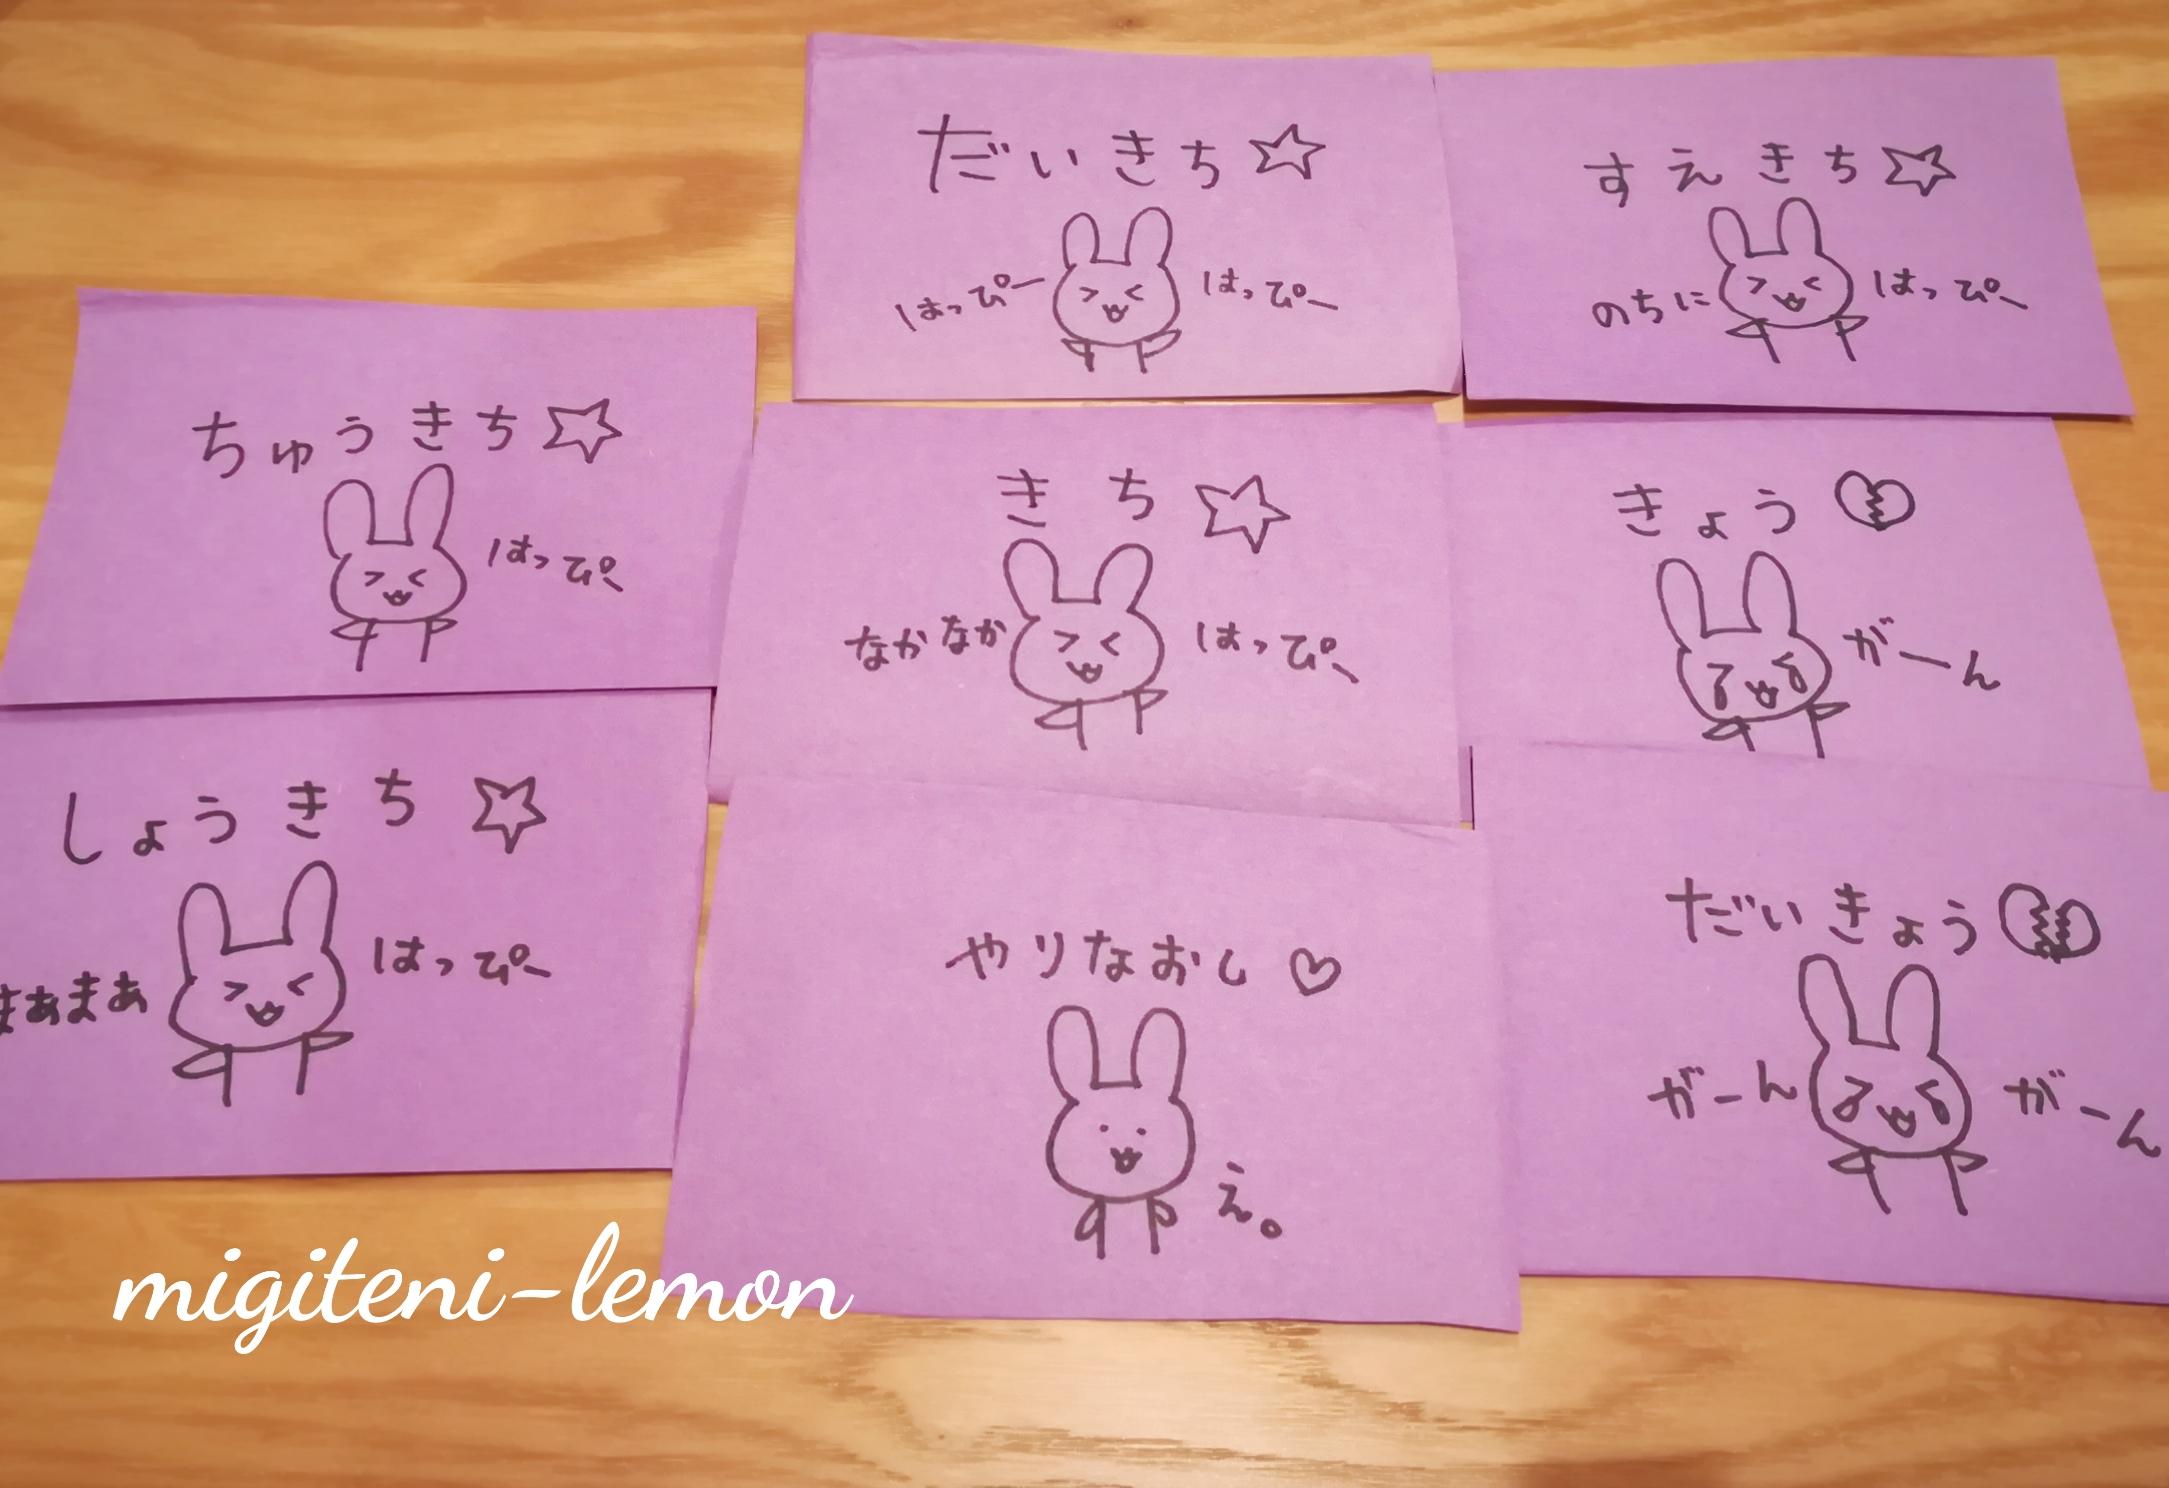 rabbit-fortune-handmade